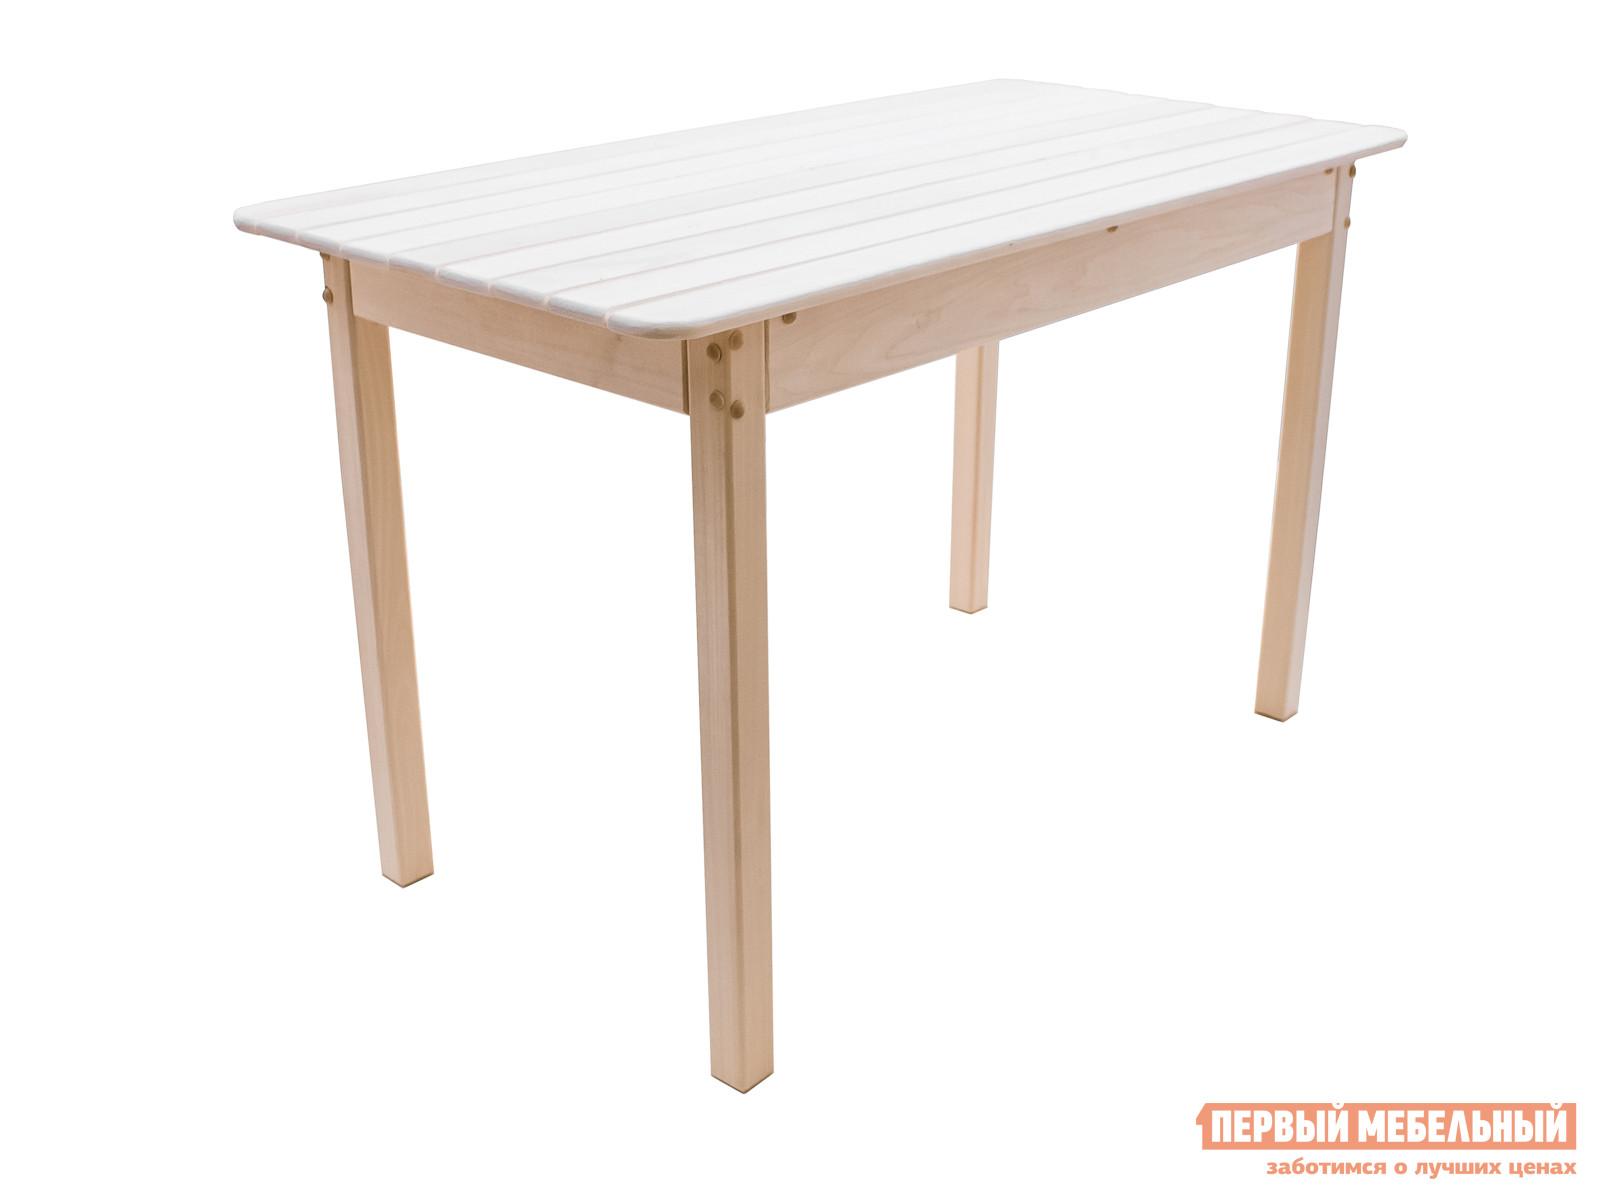 Садовый стол ММ Олаф Липа, Ширина 1200 мм